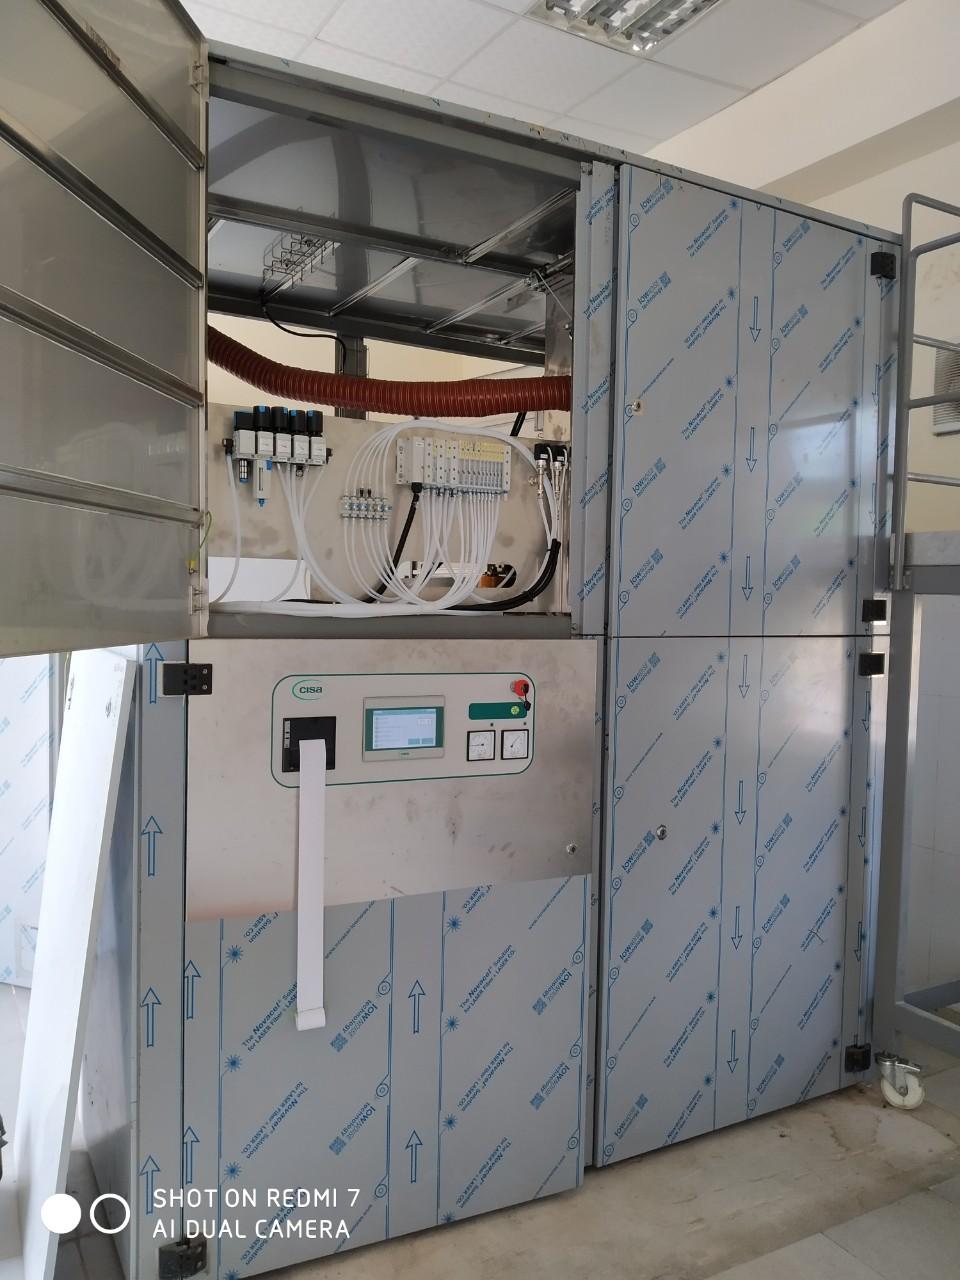 xử lý rác thải y tế bằng công nghệ nghiền cắt tiệt trùng